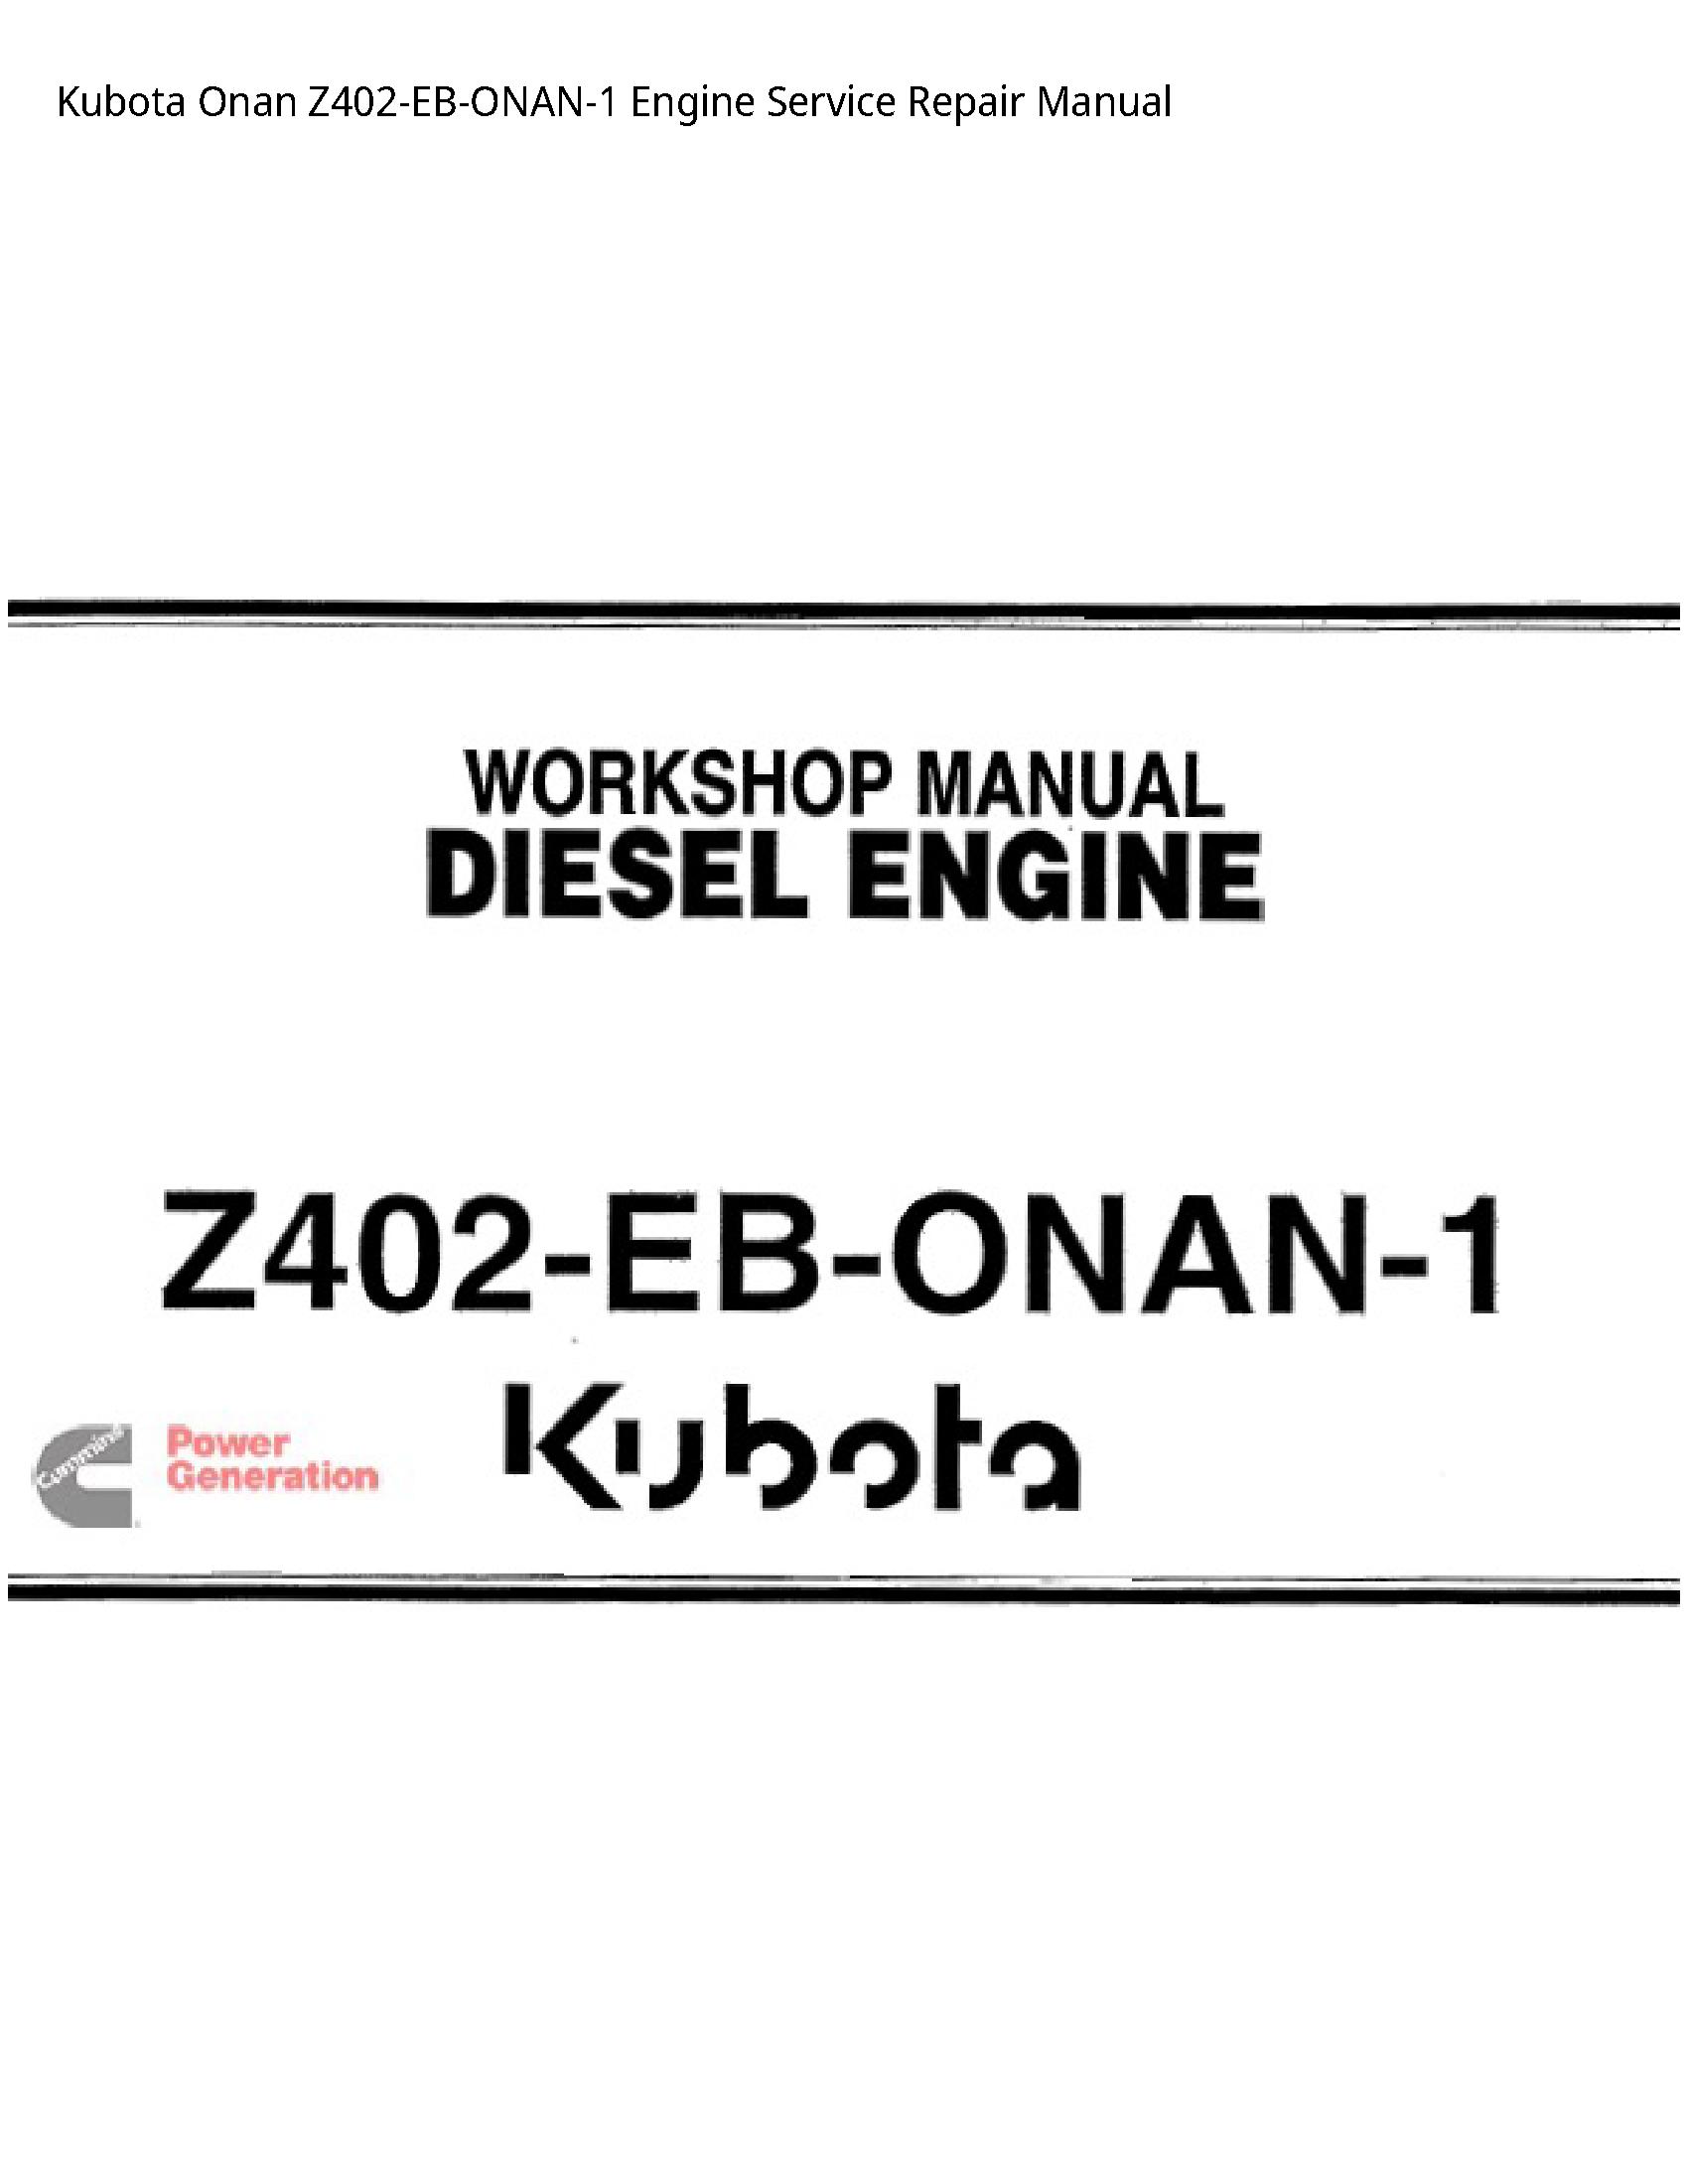 Kubota Z402-EB-ONAN-1 Onan Engine manual